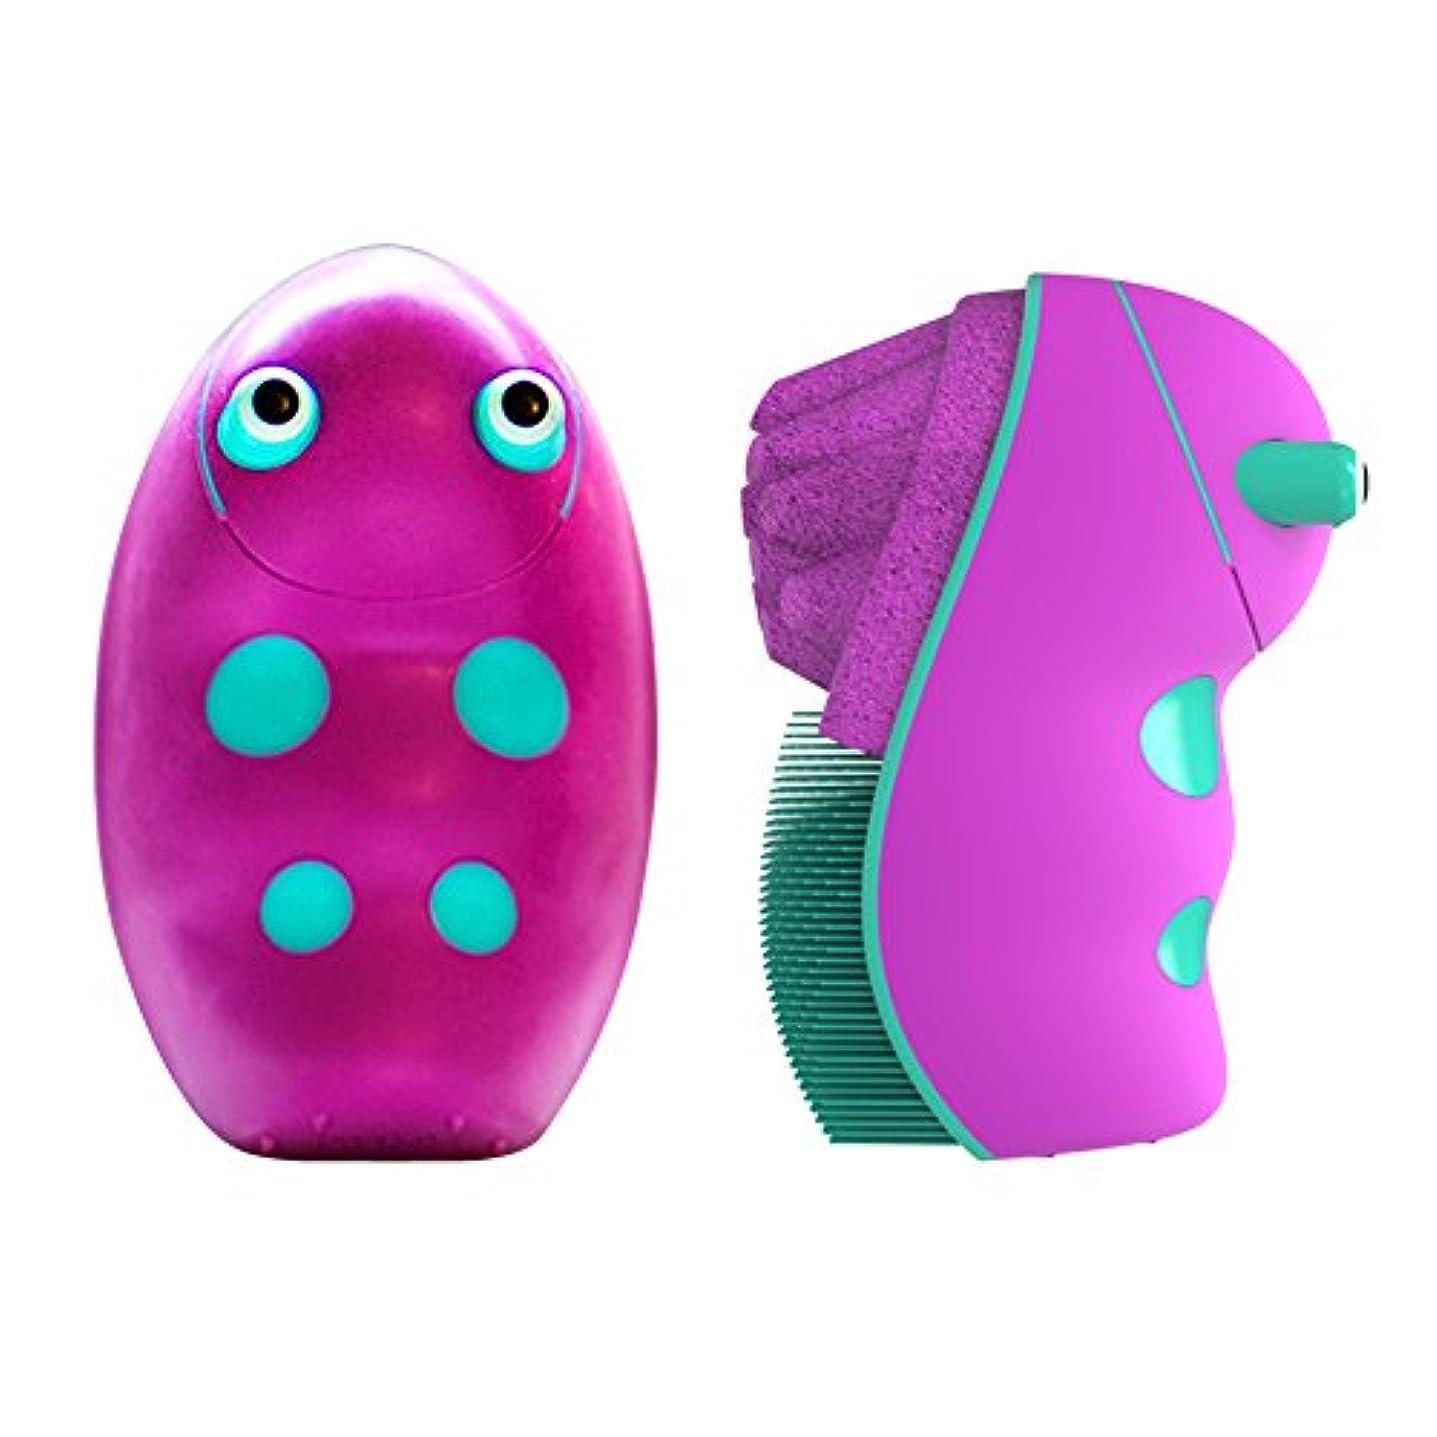 魅惑する先見の明キルス(スクラブバグ)Scrub Bugs キッズ細菌ケア手洗浄ブラシ (グレープ)